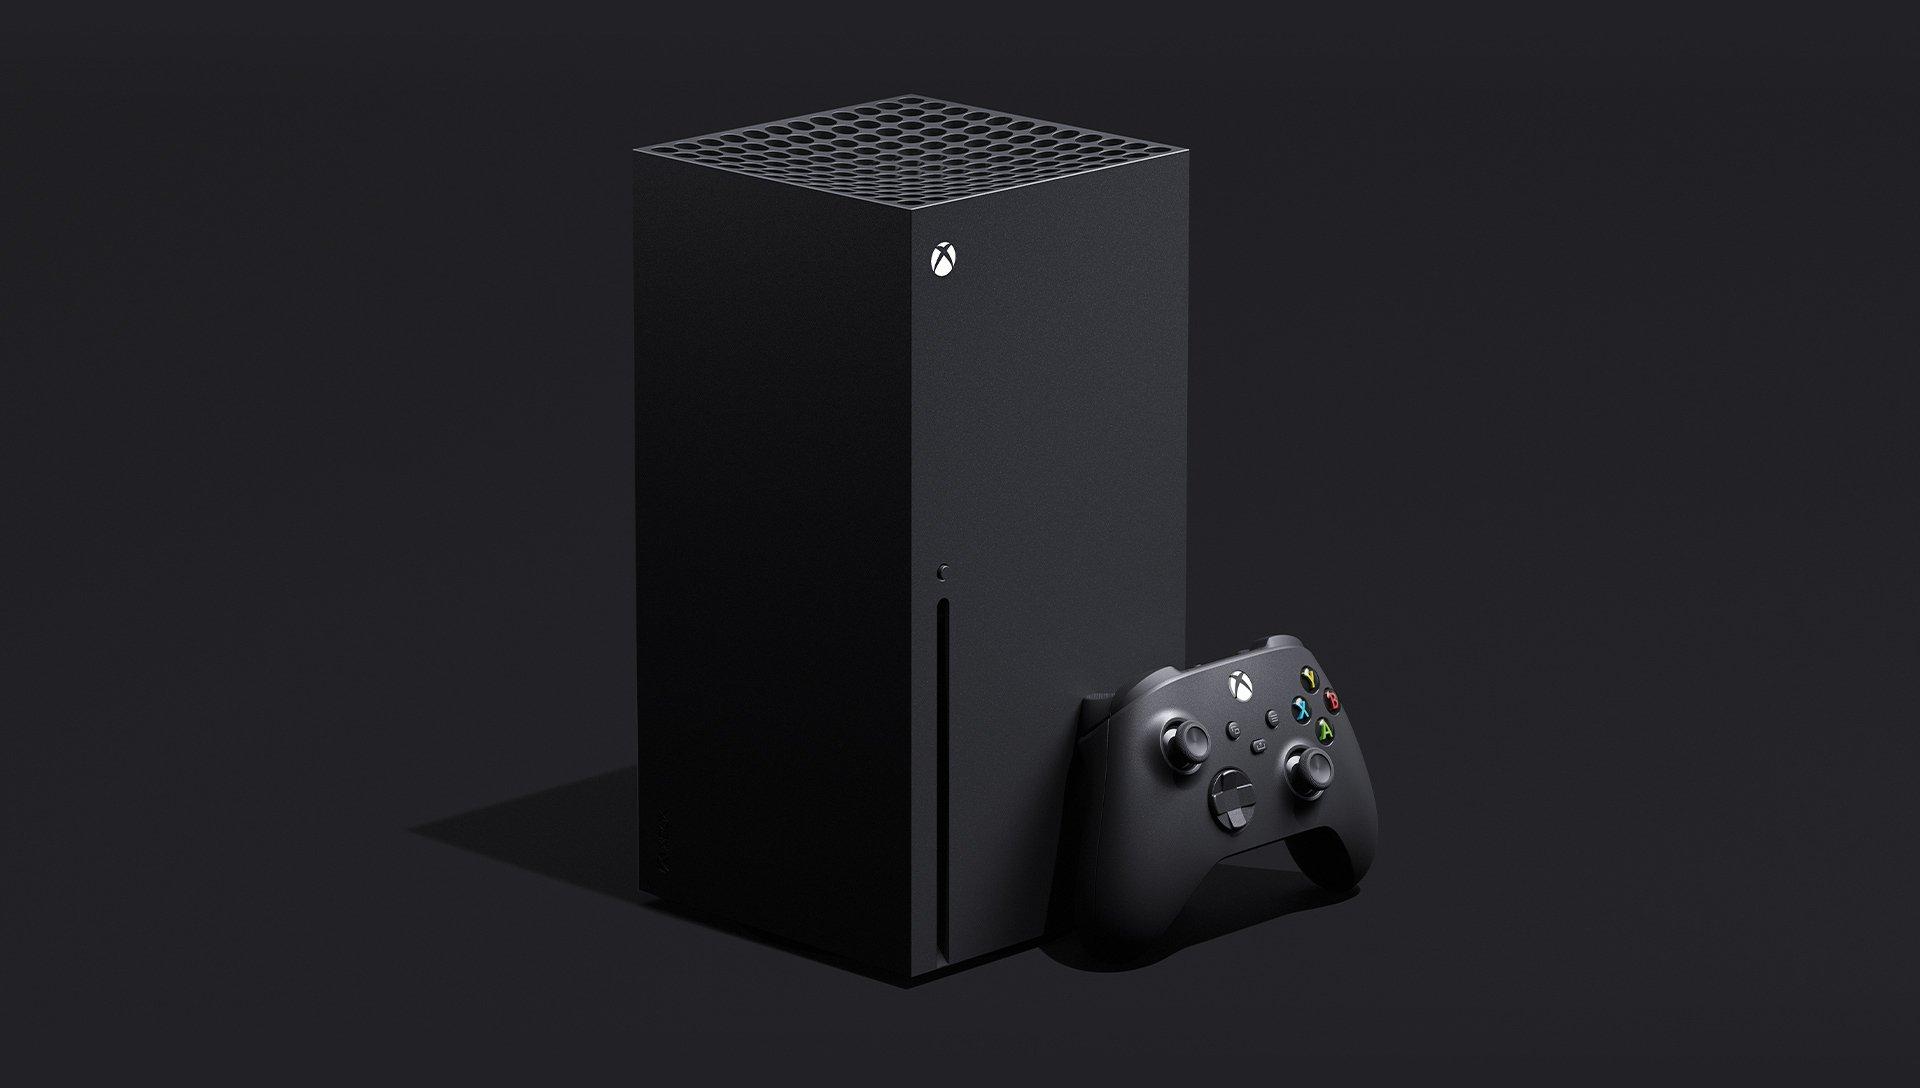 Новая игровая консоль Xbox Series X от Microsoft выйдет в 2020 году. А что покажет Sony?